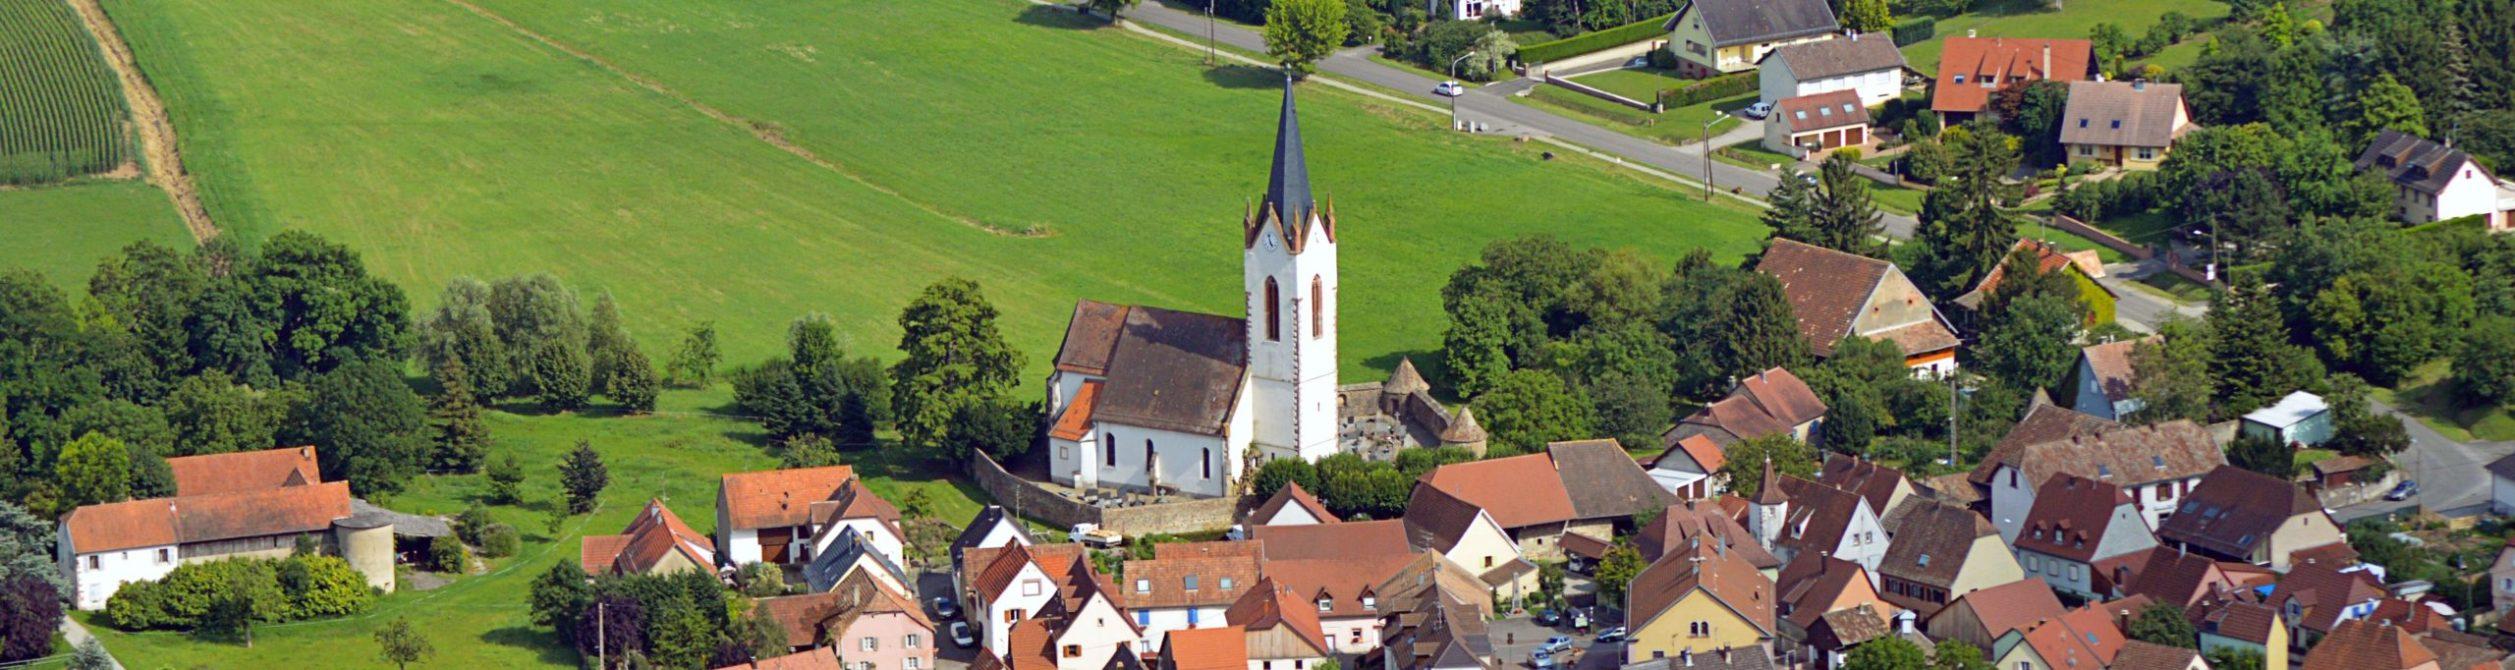 vue aérienne du village de Hartmannswiller avec l'église au centre